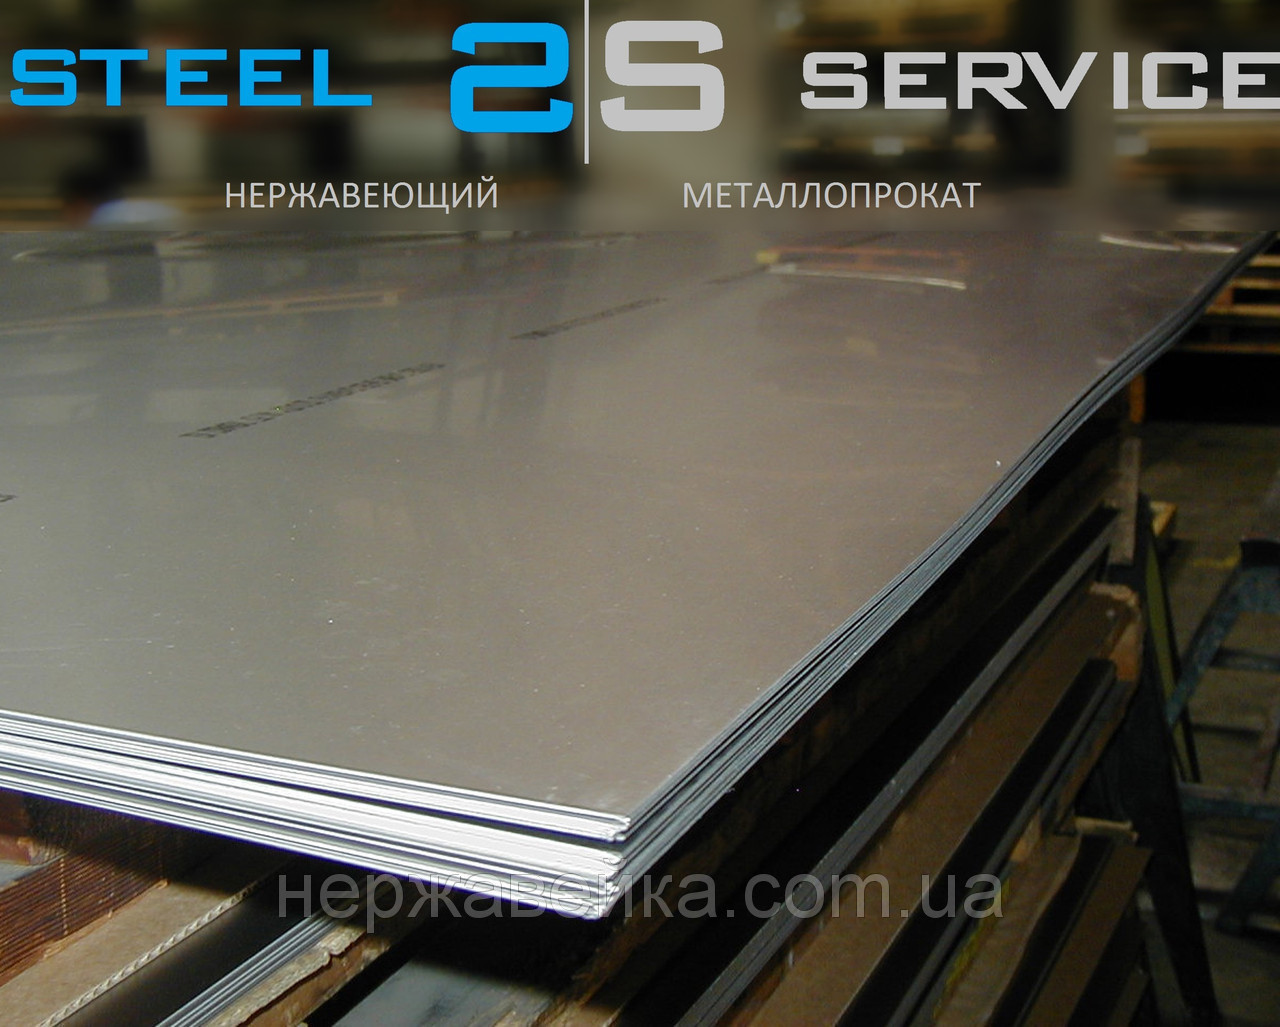 Нержавеющий лист 6х1250х2500мм  AISI 321(08Х18Н10Т) F1 - горячекатанный,  пищевой